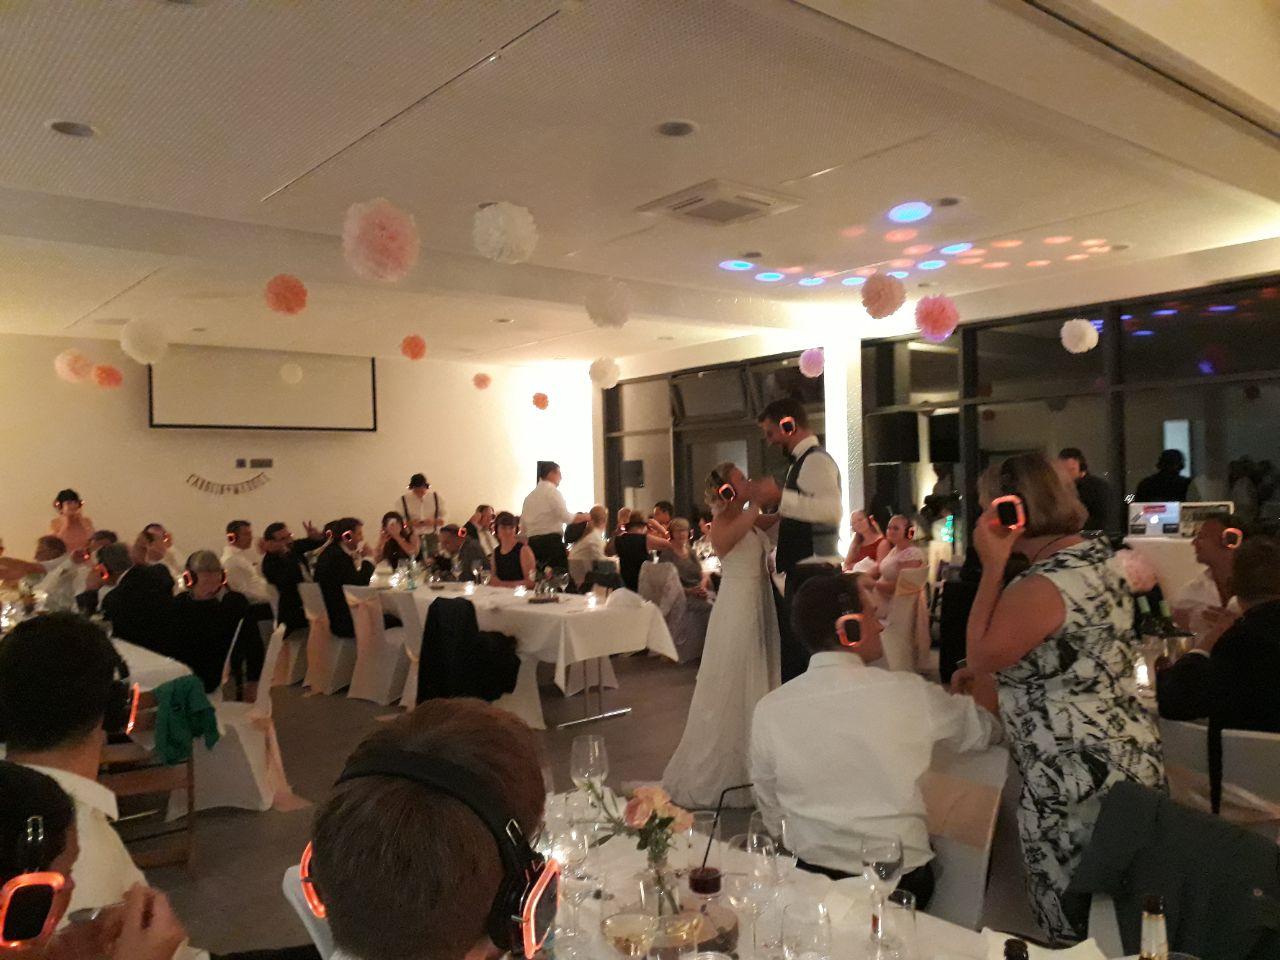 Hochzeitstanz während dem alle Gäste inklusive dem Brautpaar Silent Disco Kopfhörer Modell NEON Lights tragen